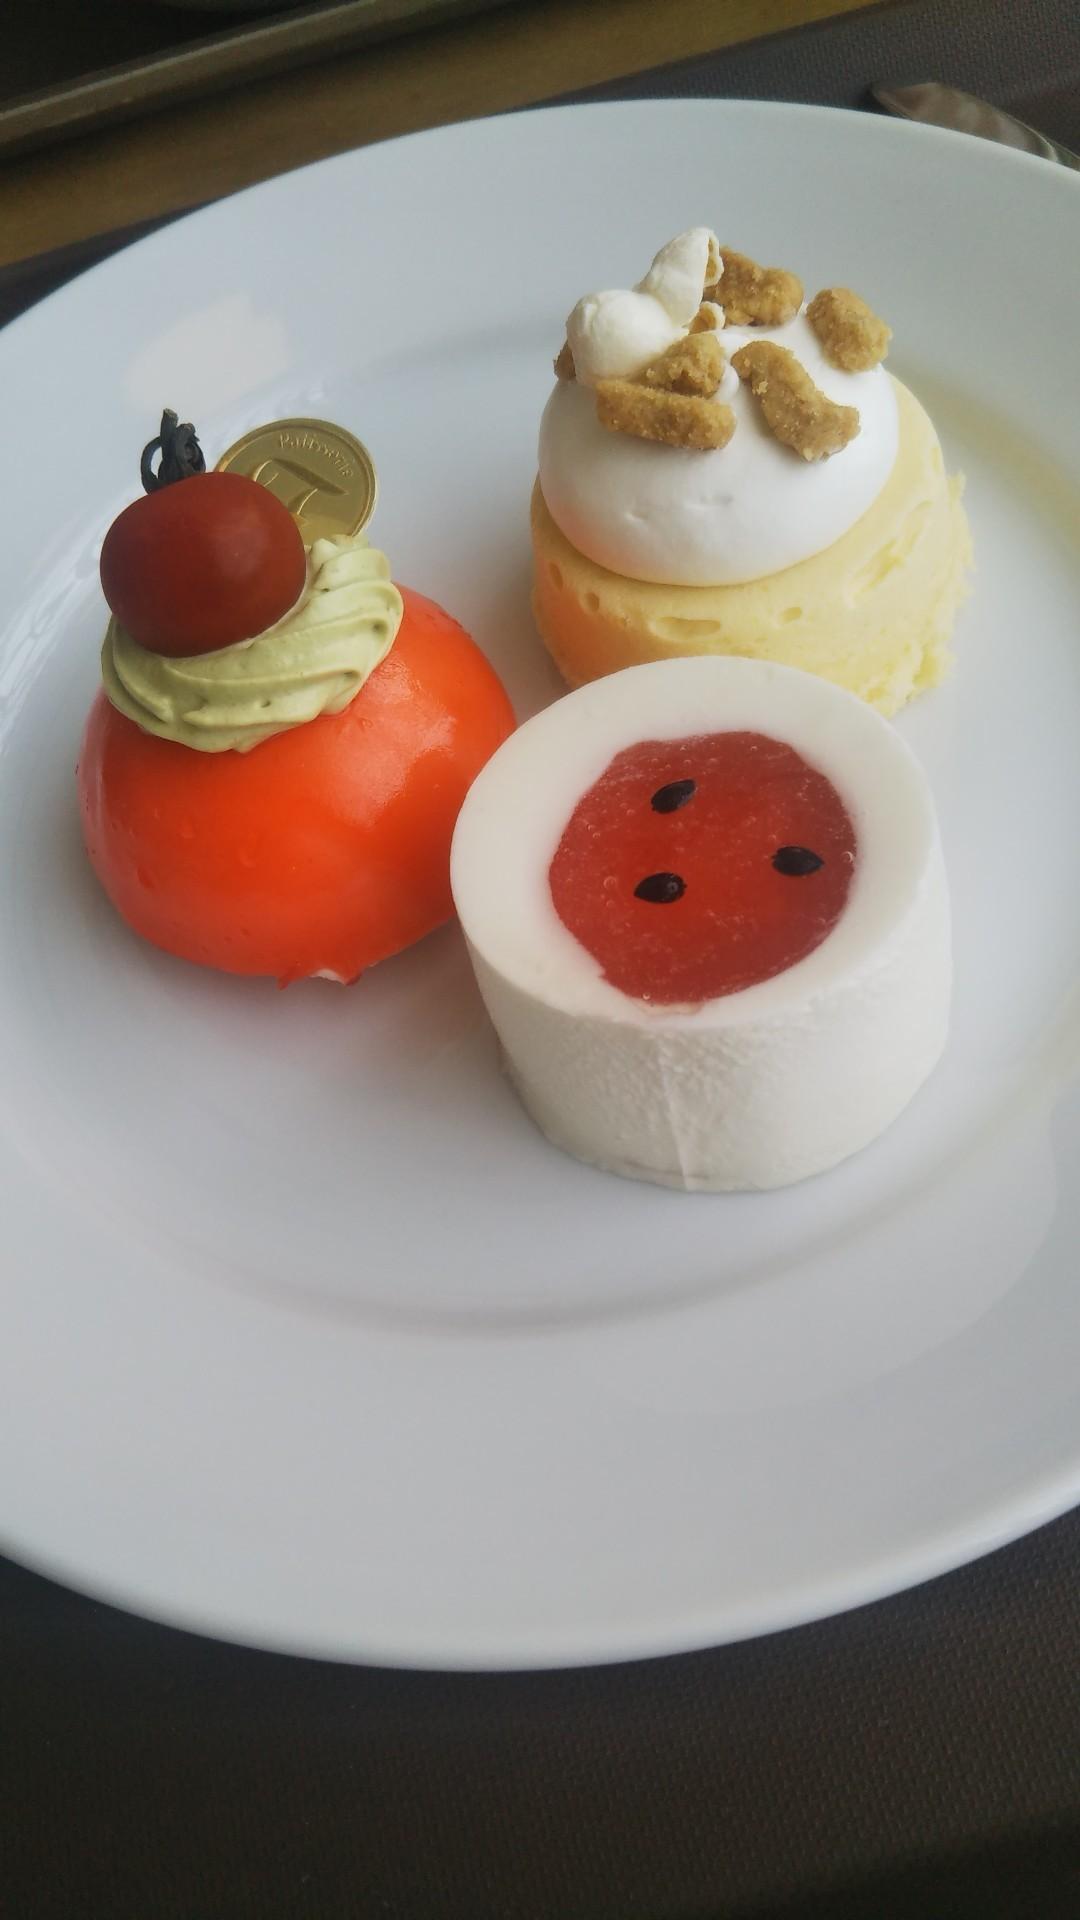 シャトレーゼ ガトーキングダムサッポロ ヴィーニュ Dessert Buffet~夏のべジスイーツフェア~_f0076001_23463141.jpg